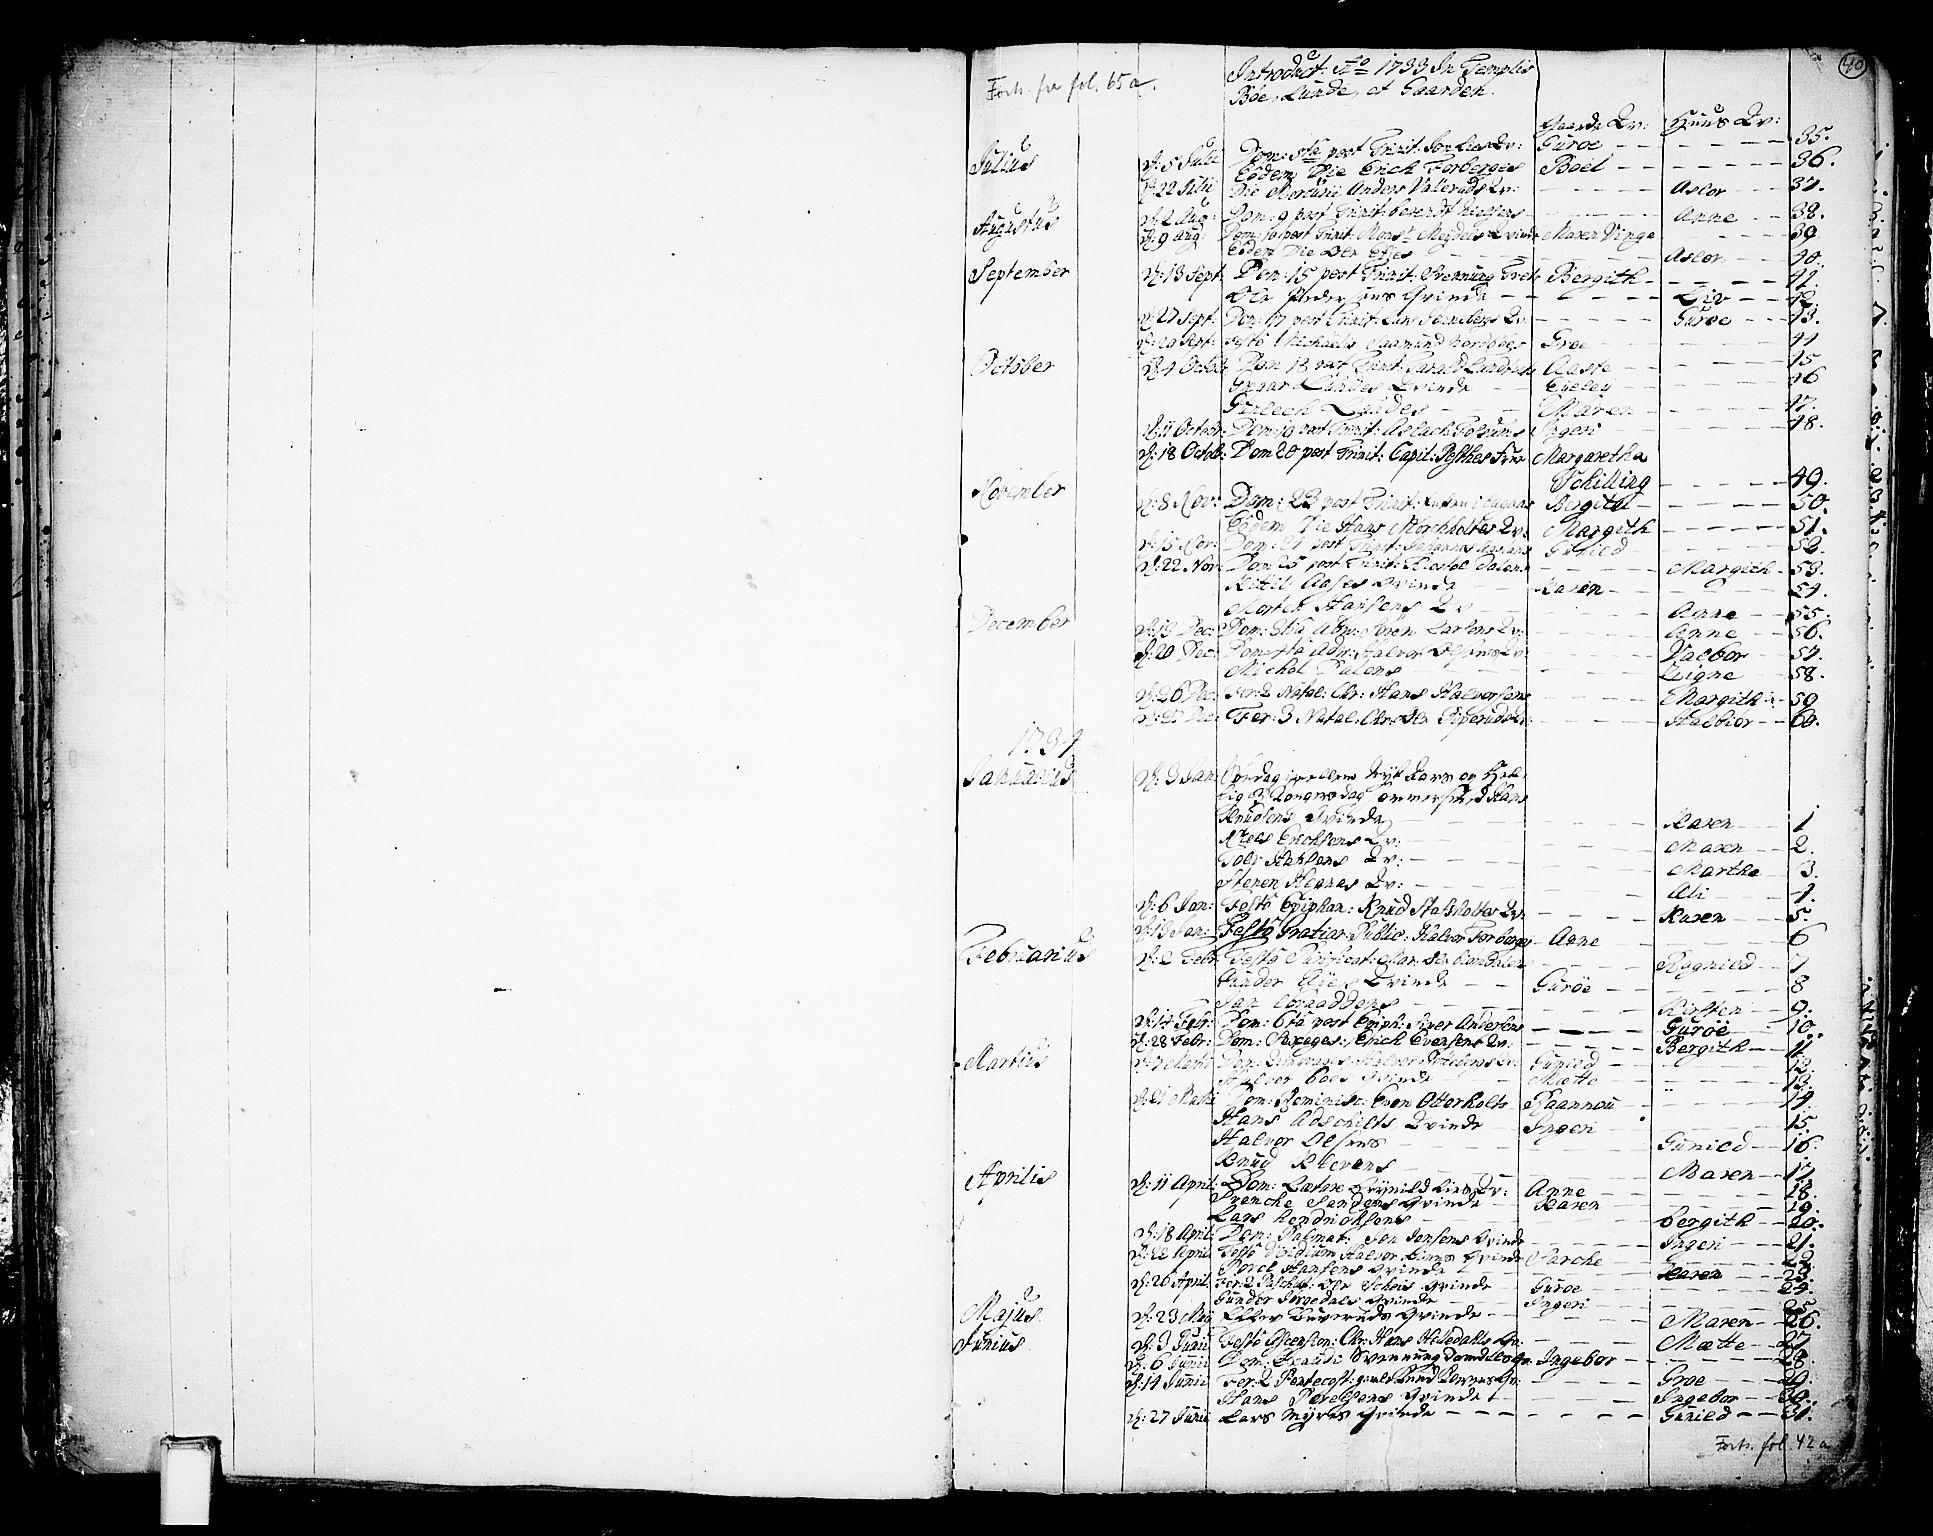 SAKO, Bø kirkebøker, F/Fa/L0003: Ministerialbok nr. 3, 1733-1748, s. 40